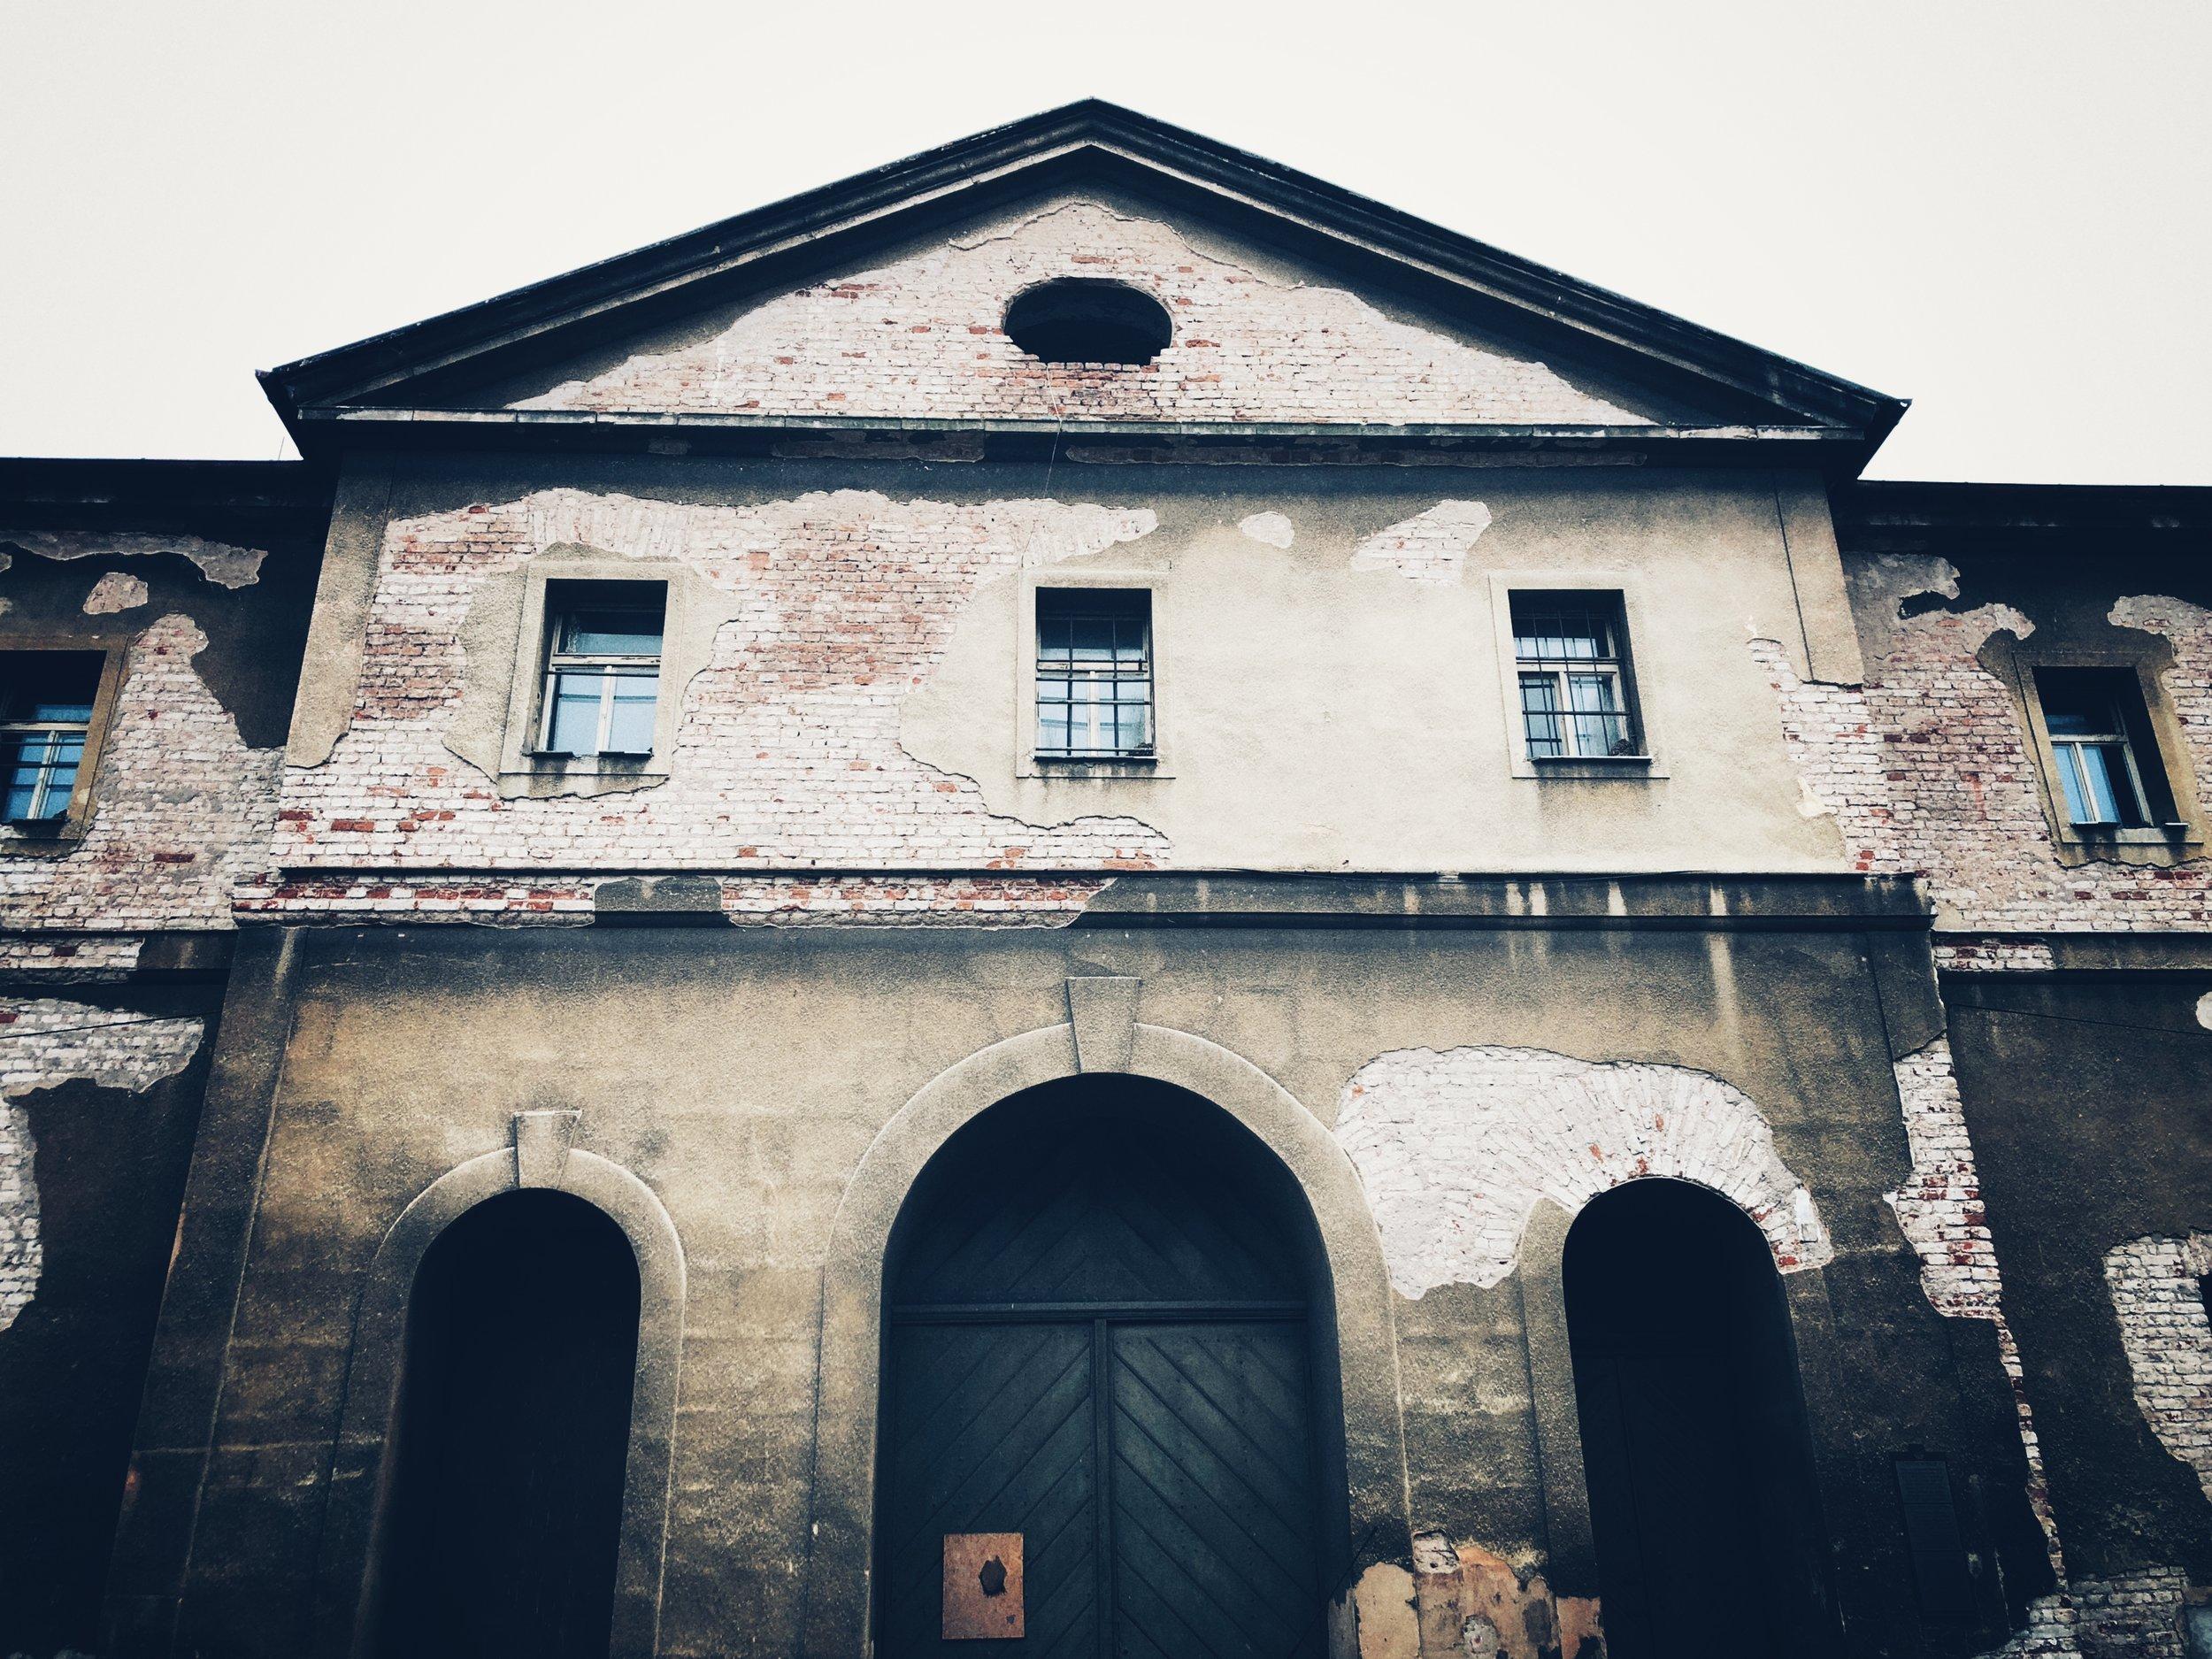 prisoner's barracks